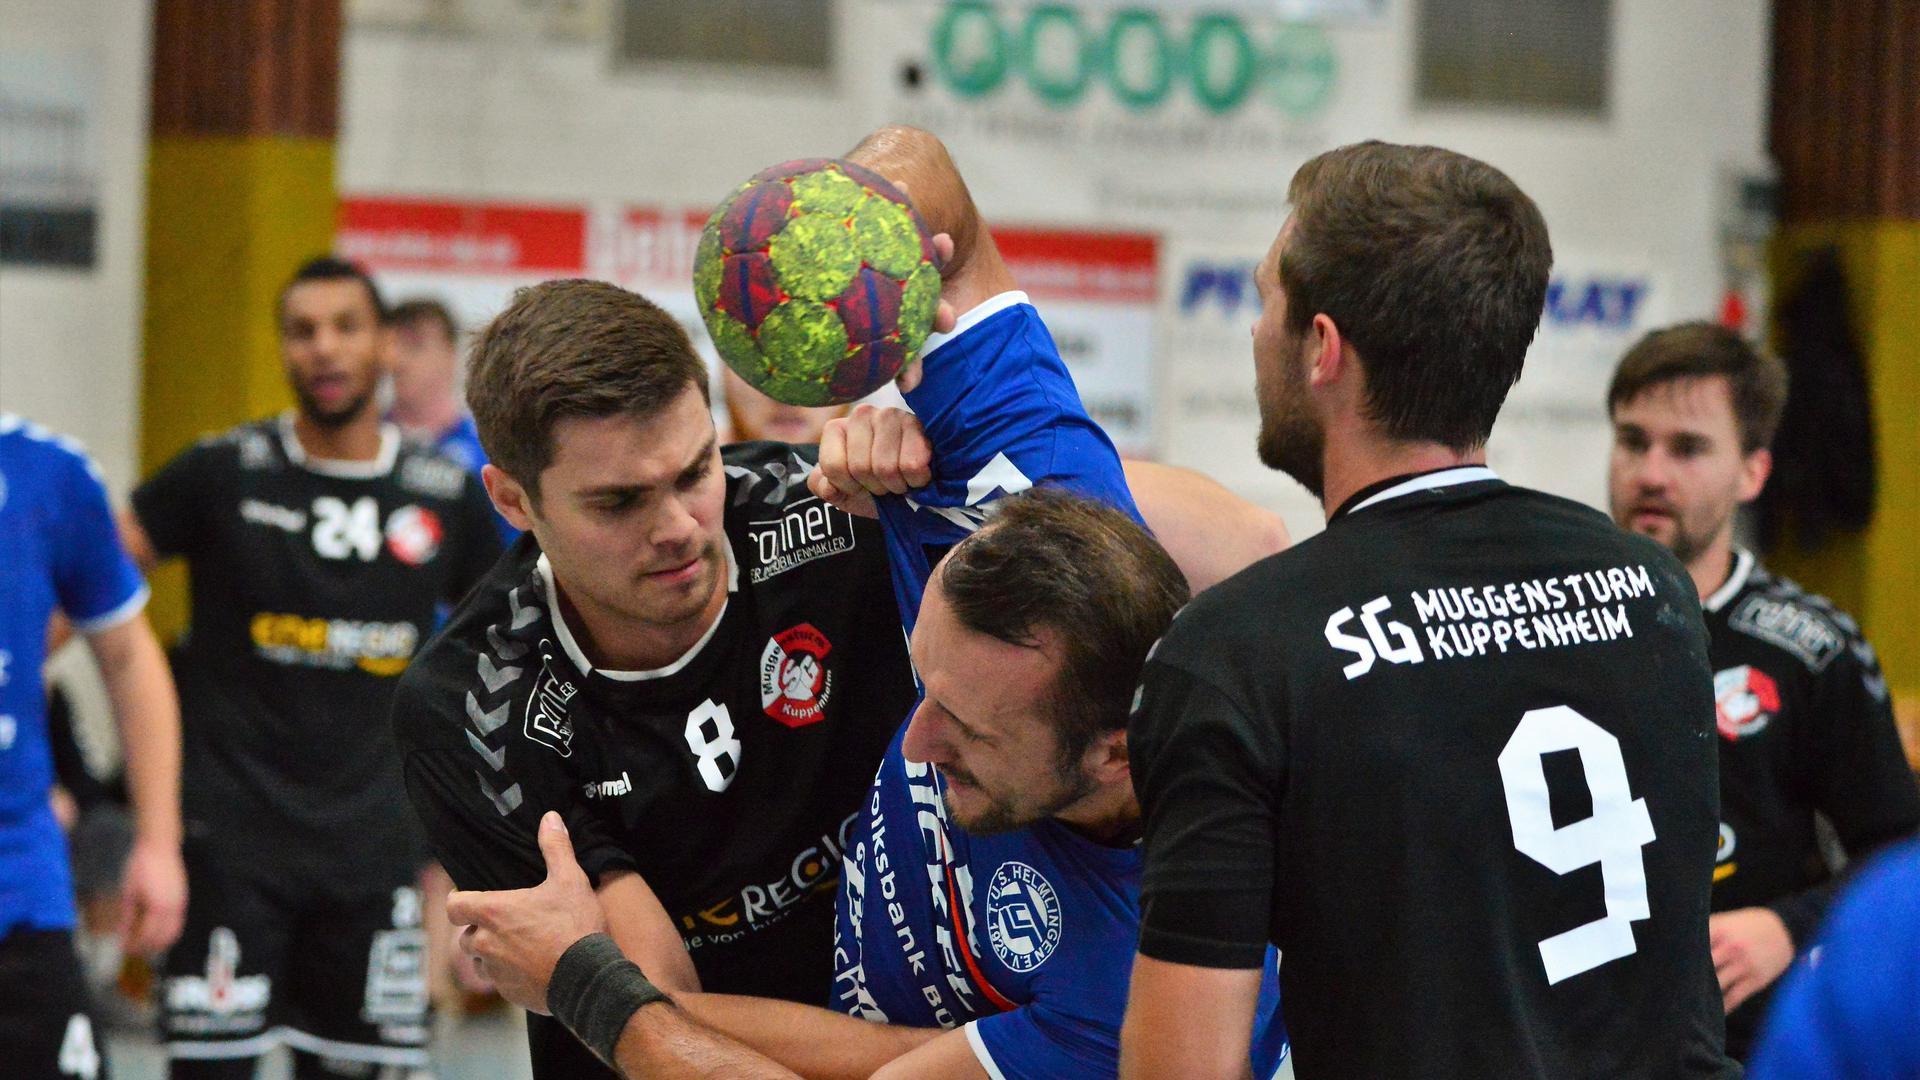 Kräftig zugepackt, wie es Lars Crocoll (links) und Jan Unser (rechts) von der SG Muggensturm/Kuppenheim gegen den Helmlinger Tomasz Pomiankiewicz praktizieren, wird im Handball erst wieder in der Saison 2021/22.